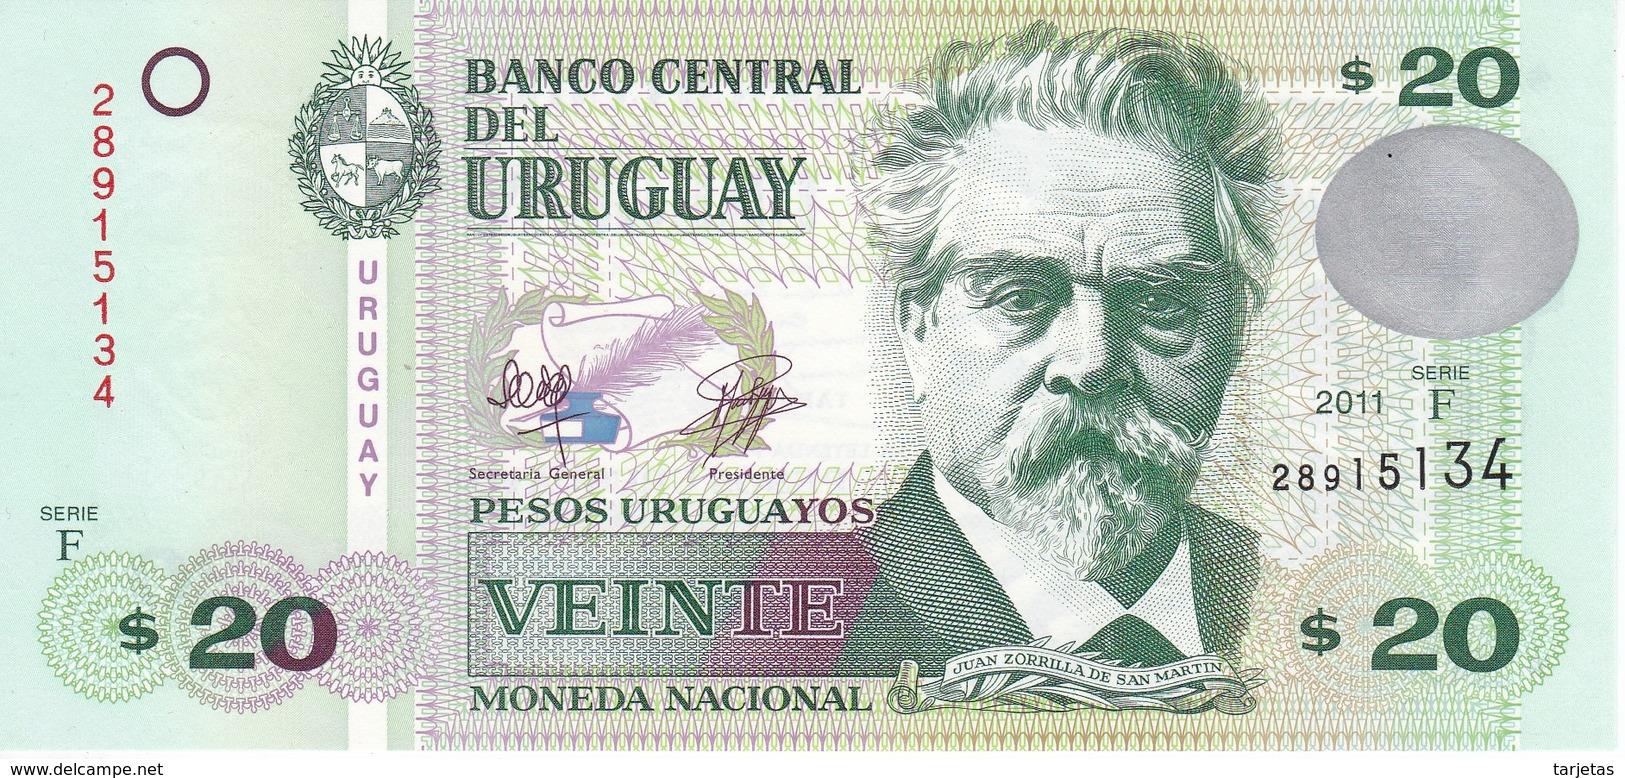 BILLETE DE URUGUAY DE 20 PESOS DEL AÑO 2011 SIN CIRCULAR-UNCIRCULATED (BANKNOTE) - Uruguay